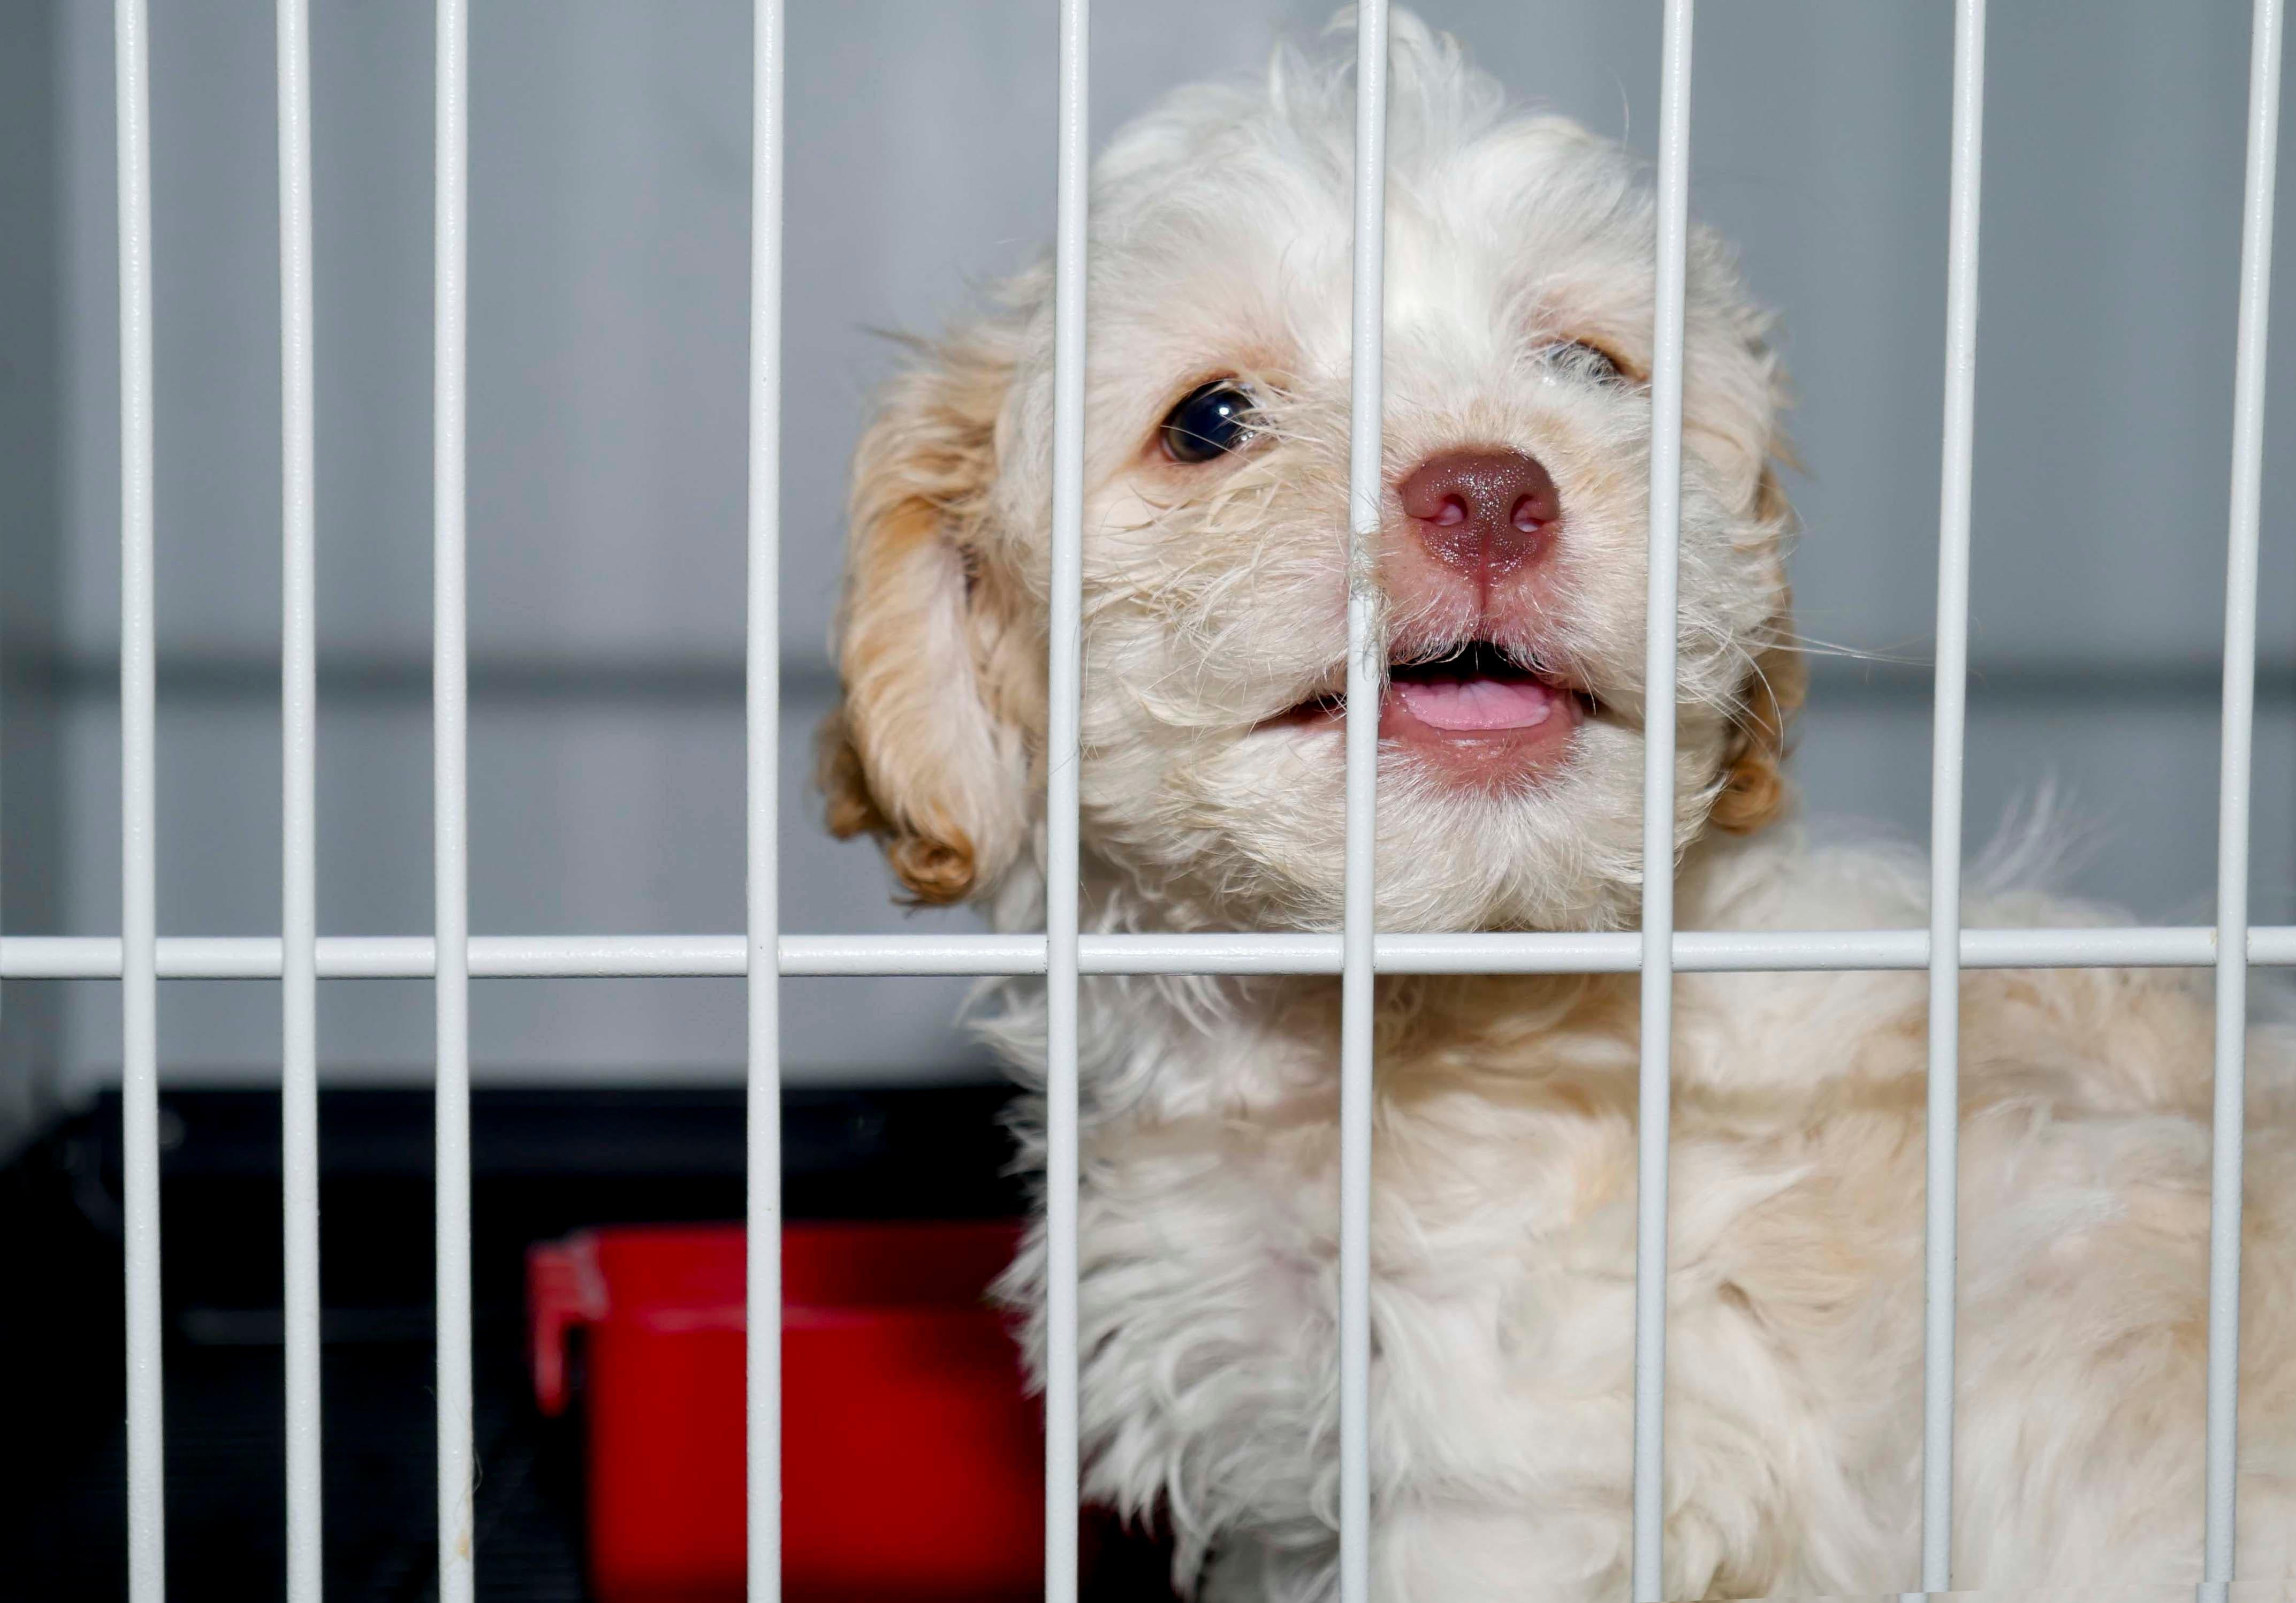 Pide aplicar sobre protección de animal y tenencia responsable - Hoy Digital (República Dominicana)